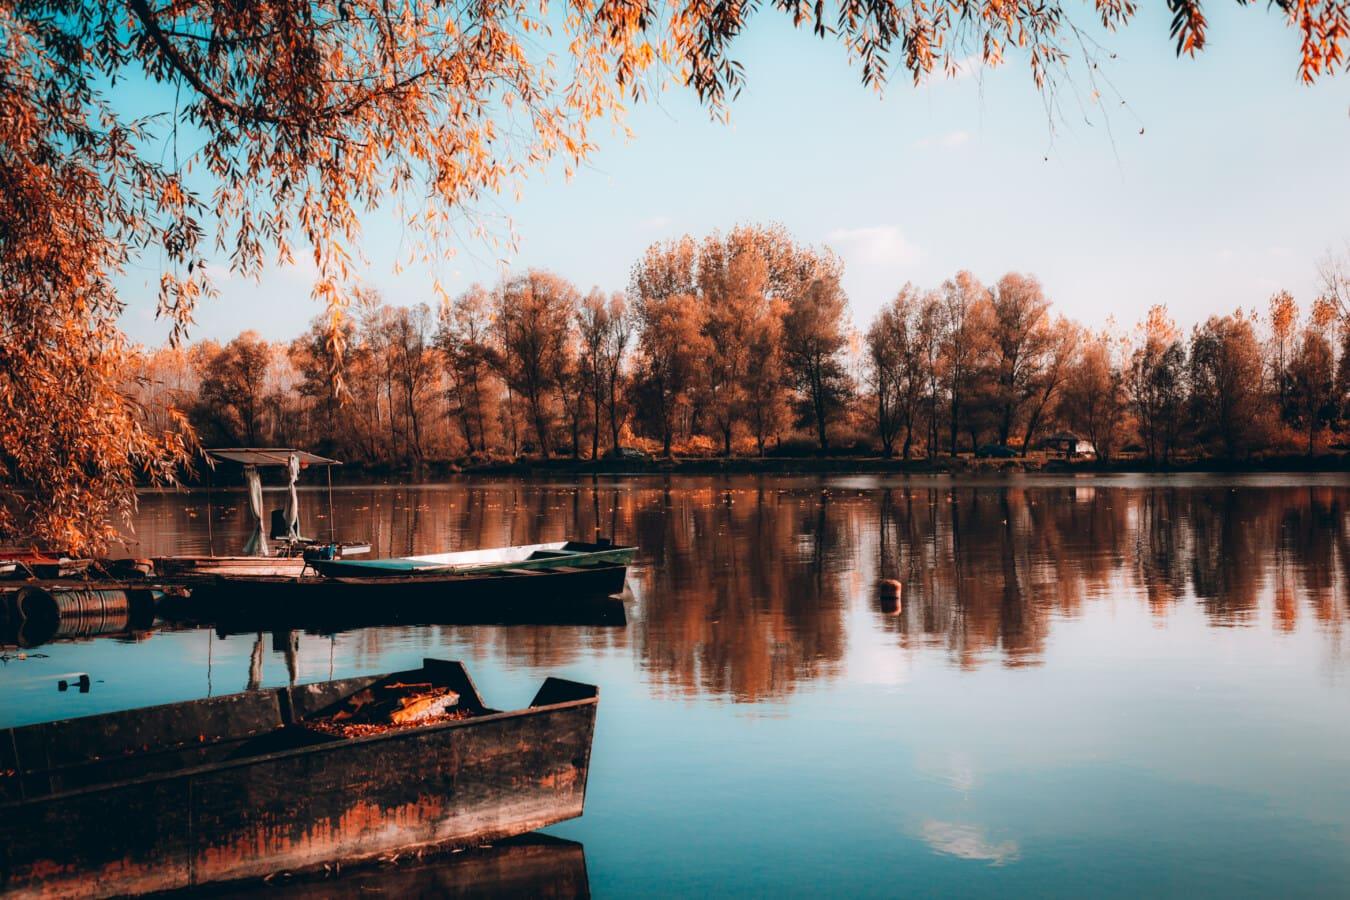 pri jazere, jesennej sezóny, reflexie, člny, Príroda, breh, voda, strom, jazero, rieka